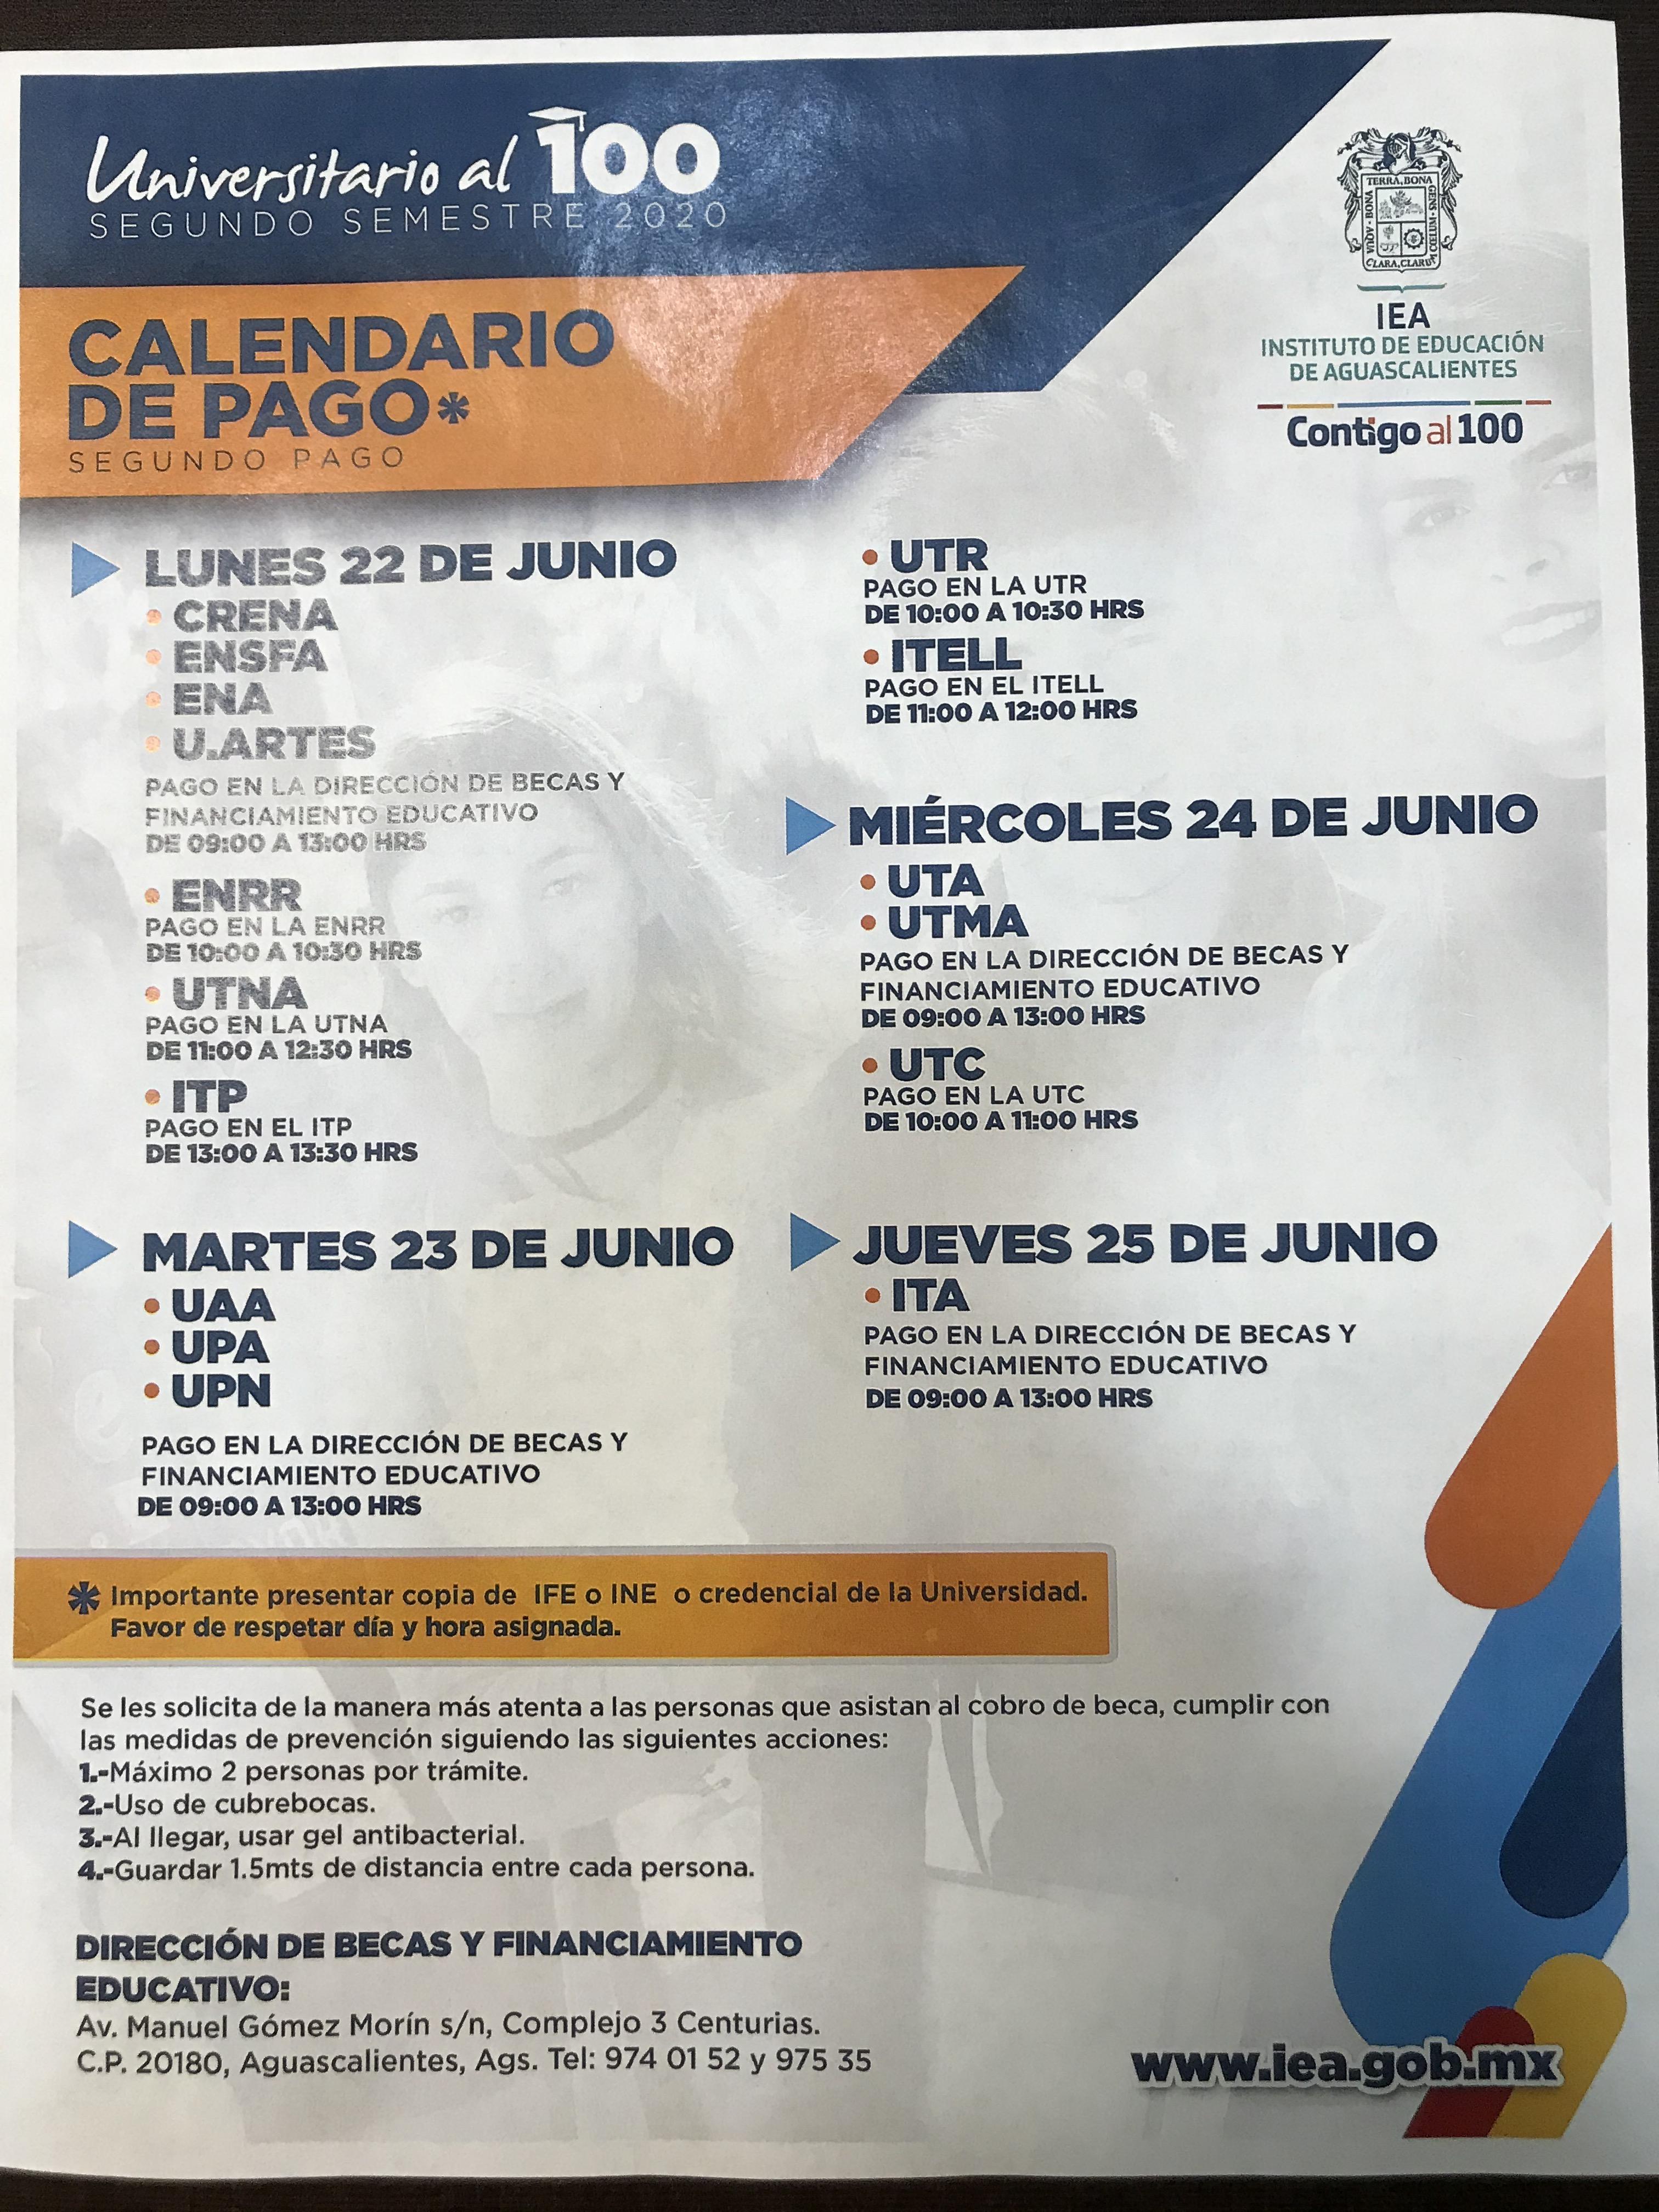 Calendario de 2do Pago Becas Universitario al 100